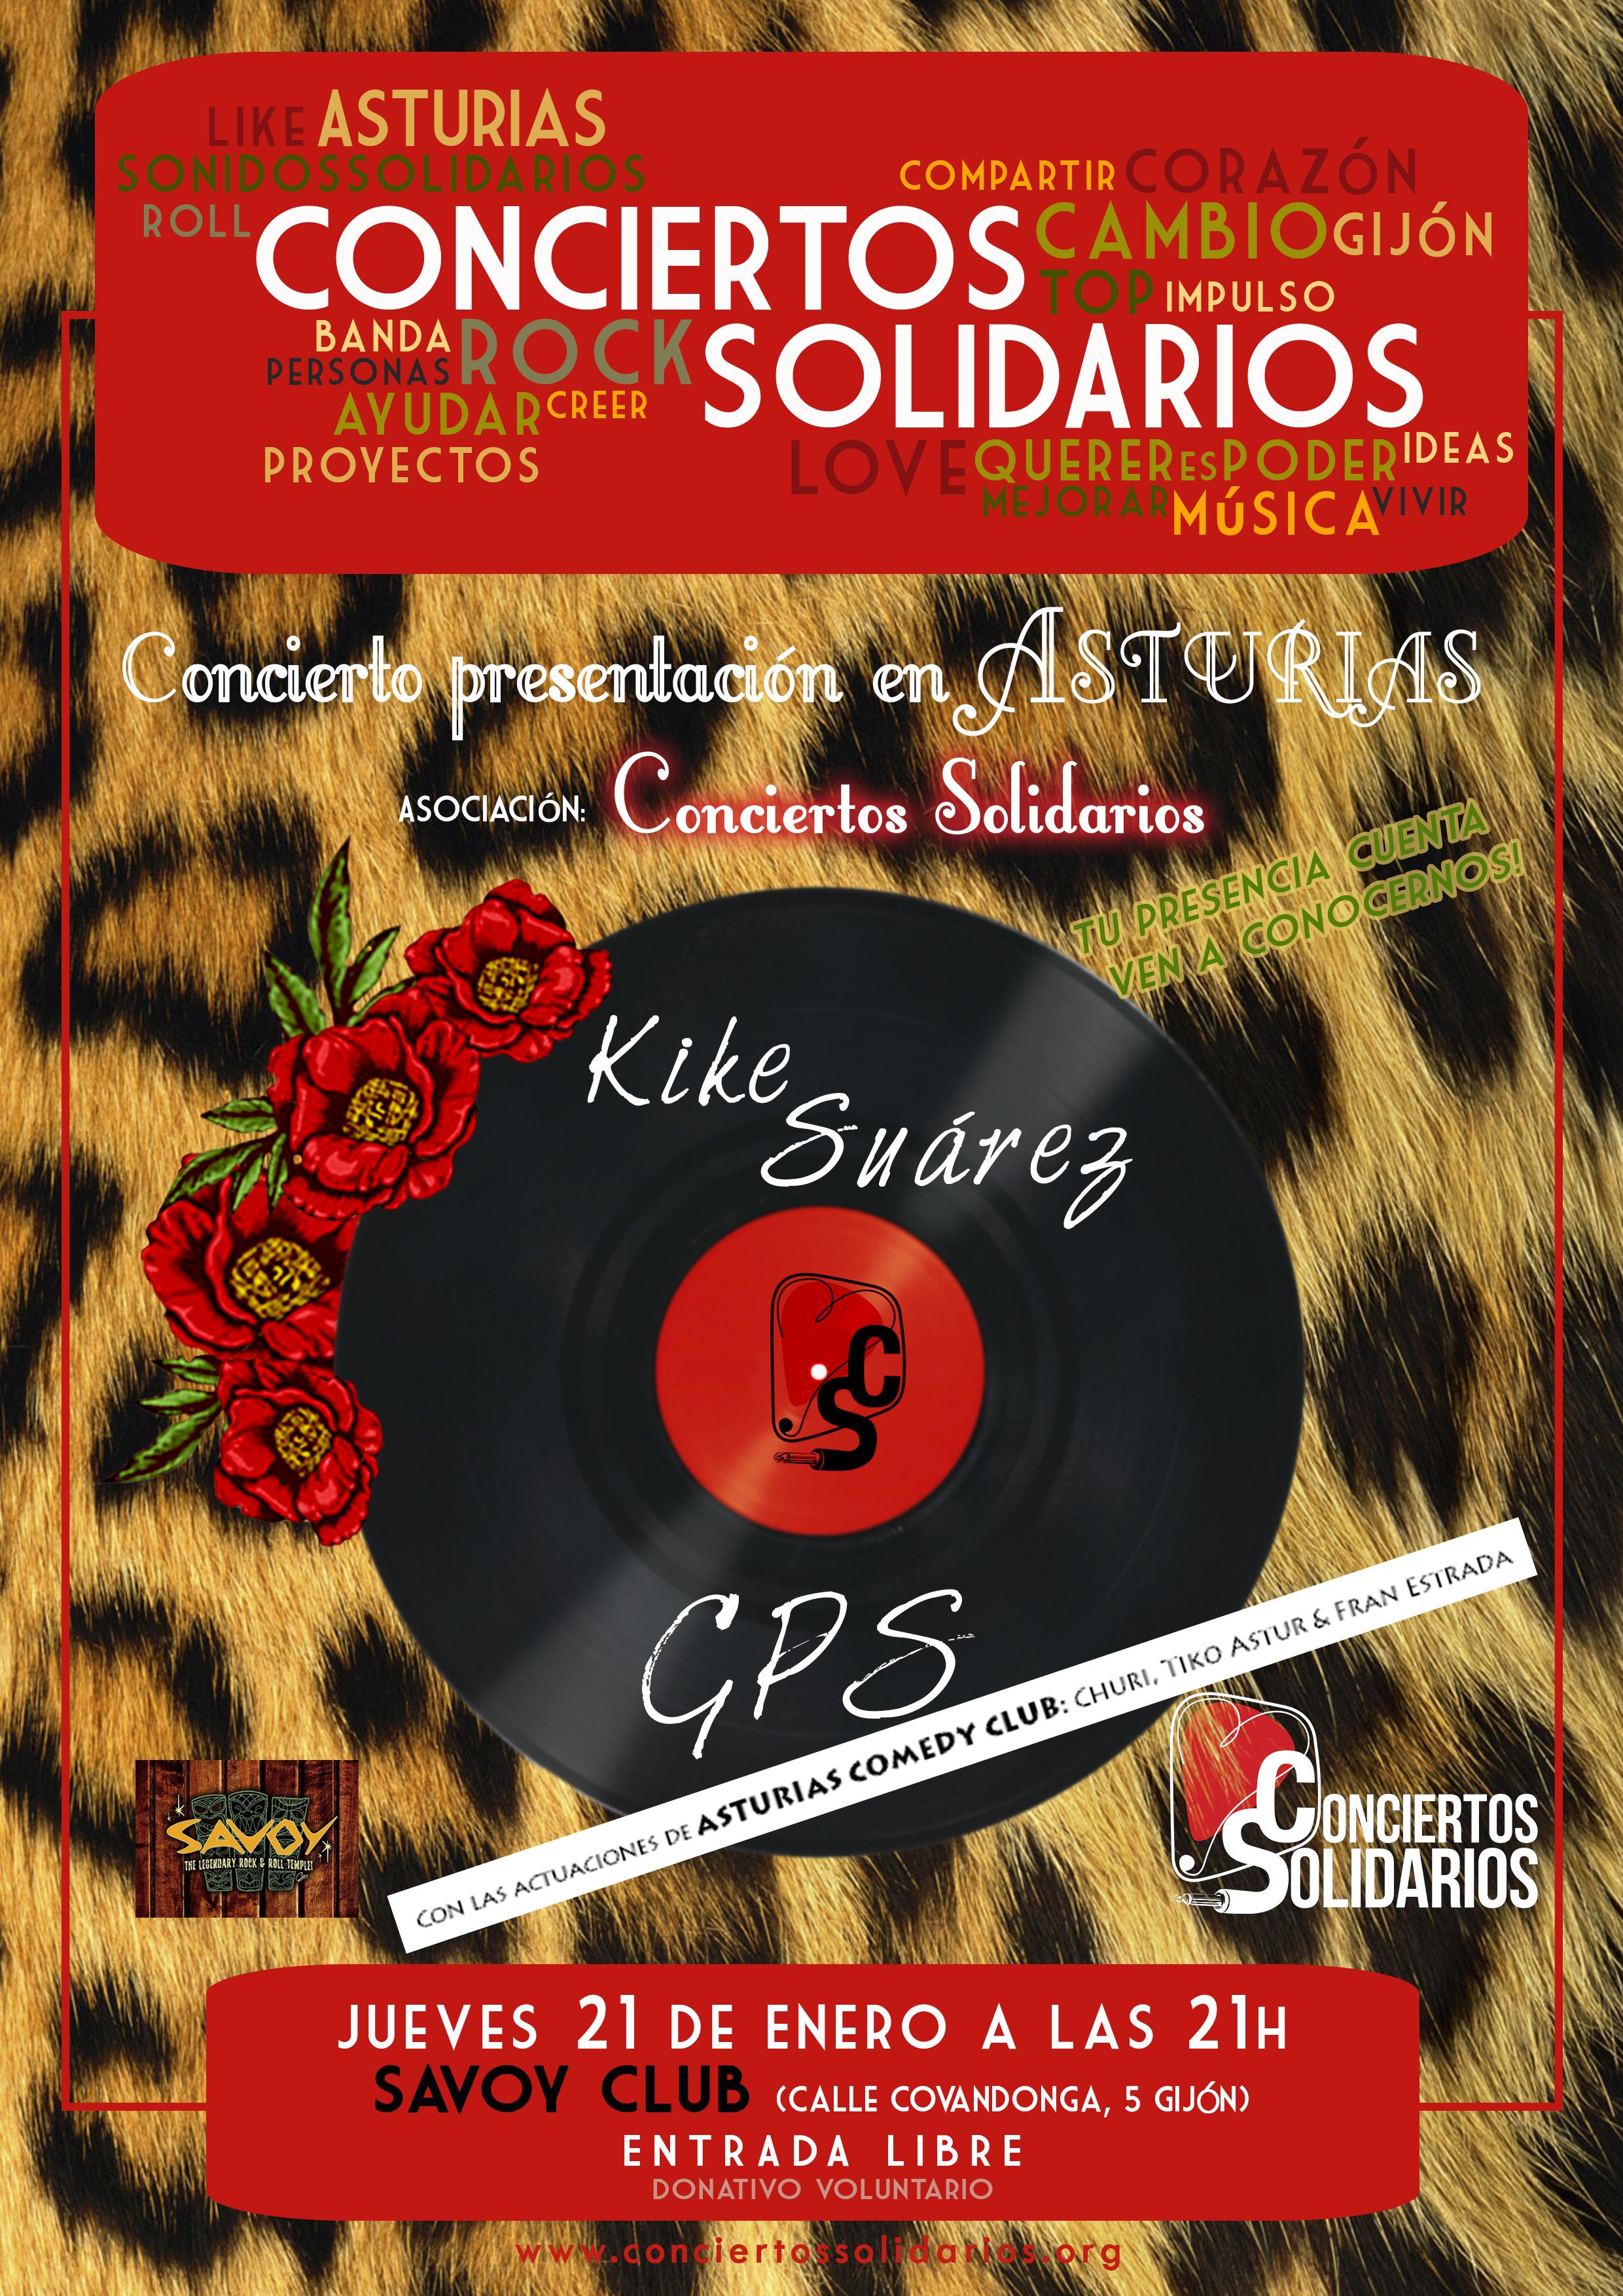 Concierto Solidario Asturias